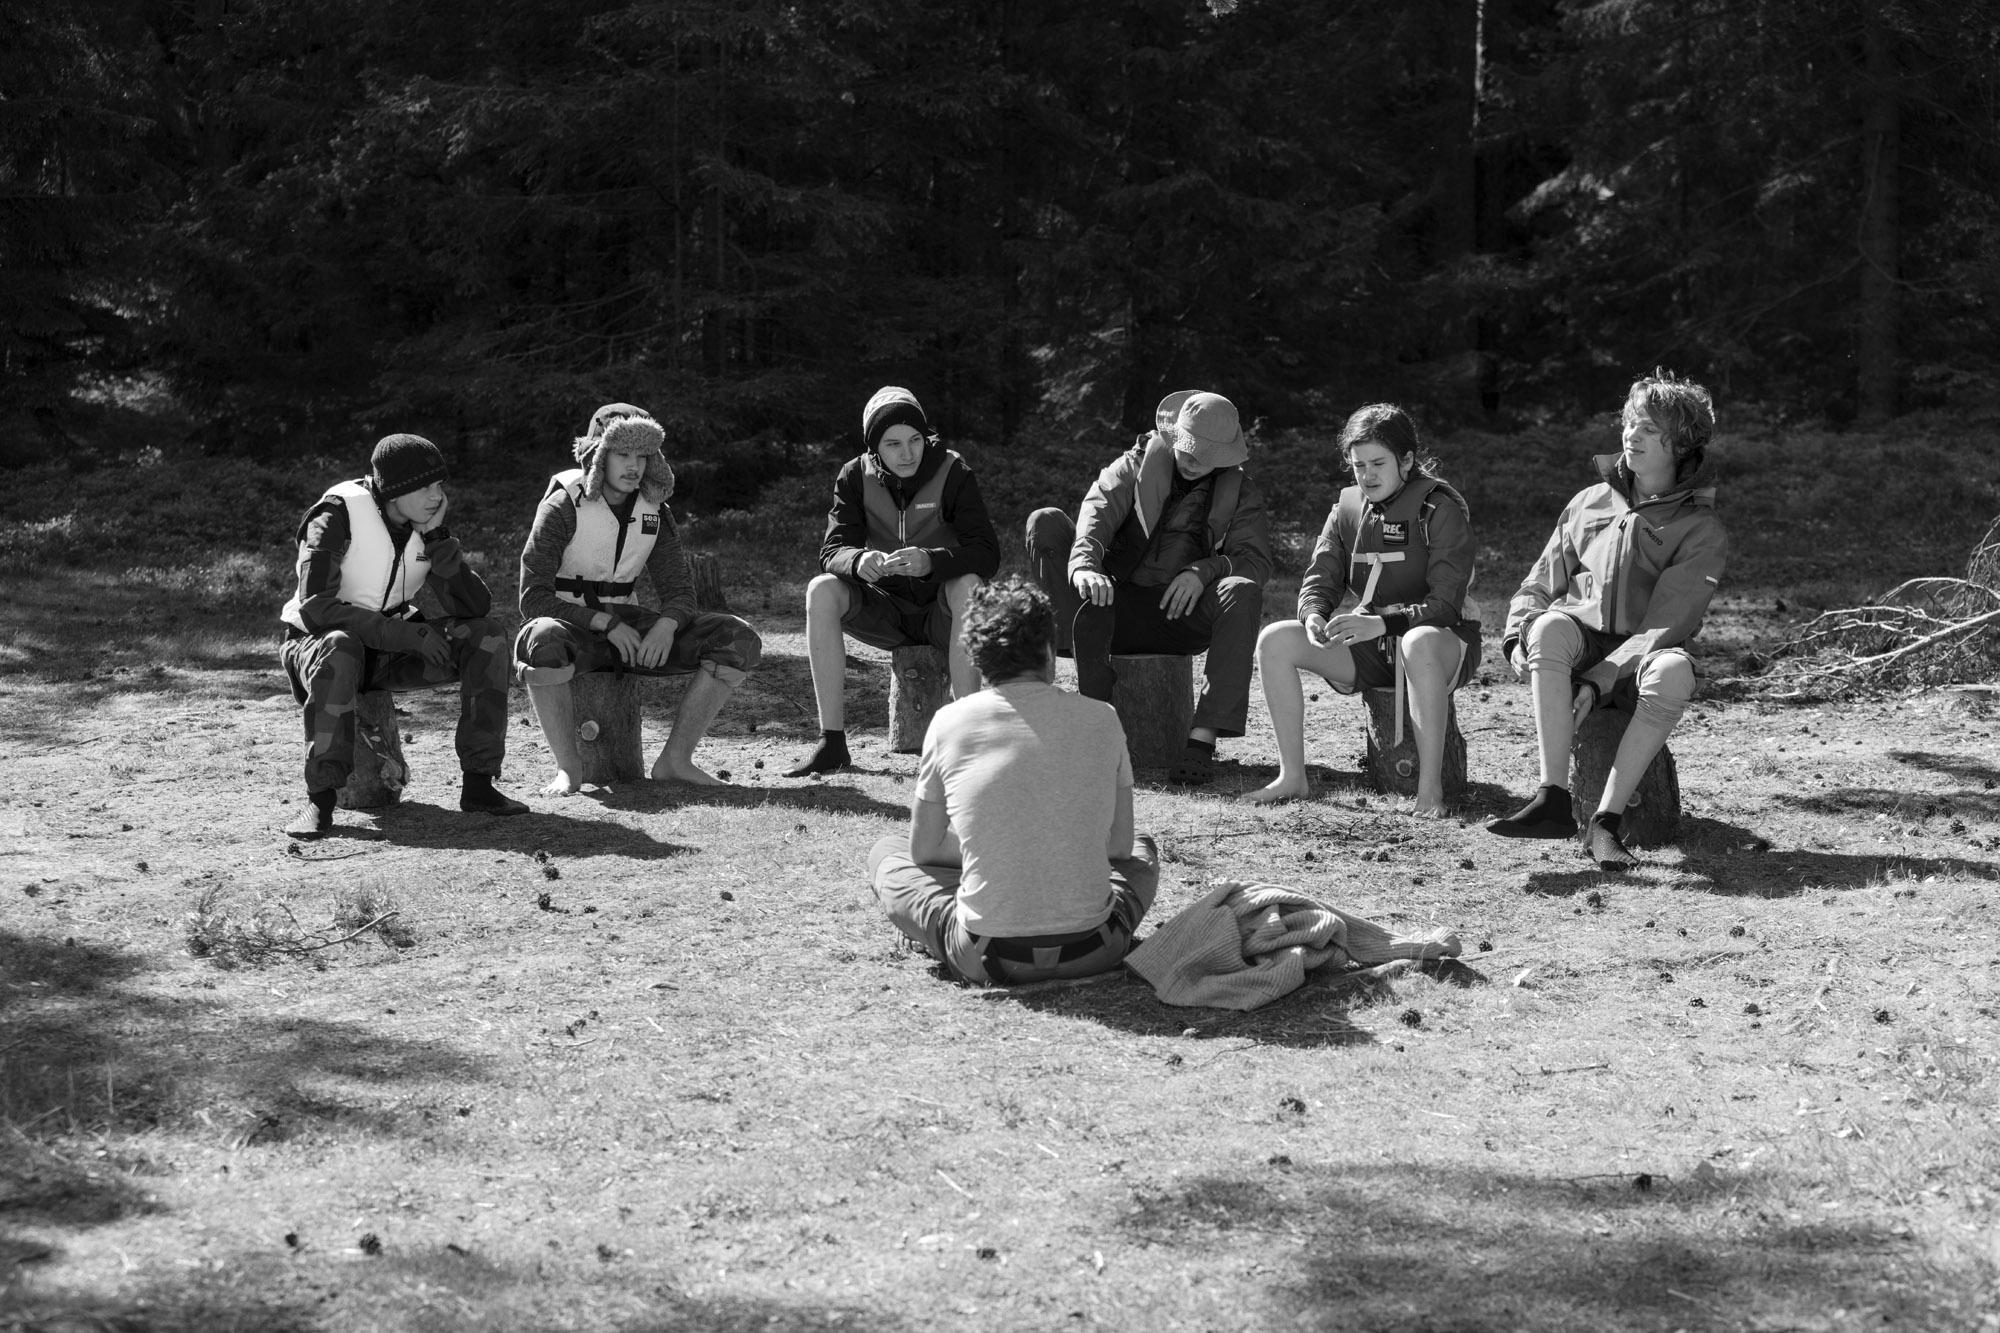 När du pratar med en grupp se till att de har solen i ryggen så att de enkelt kan se dig och inte distraheras av solen.